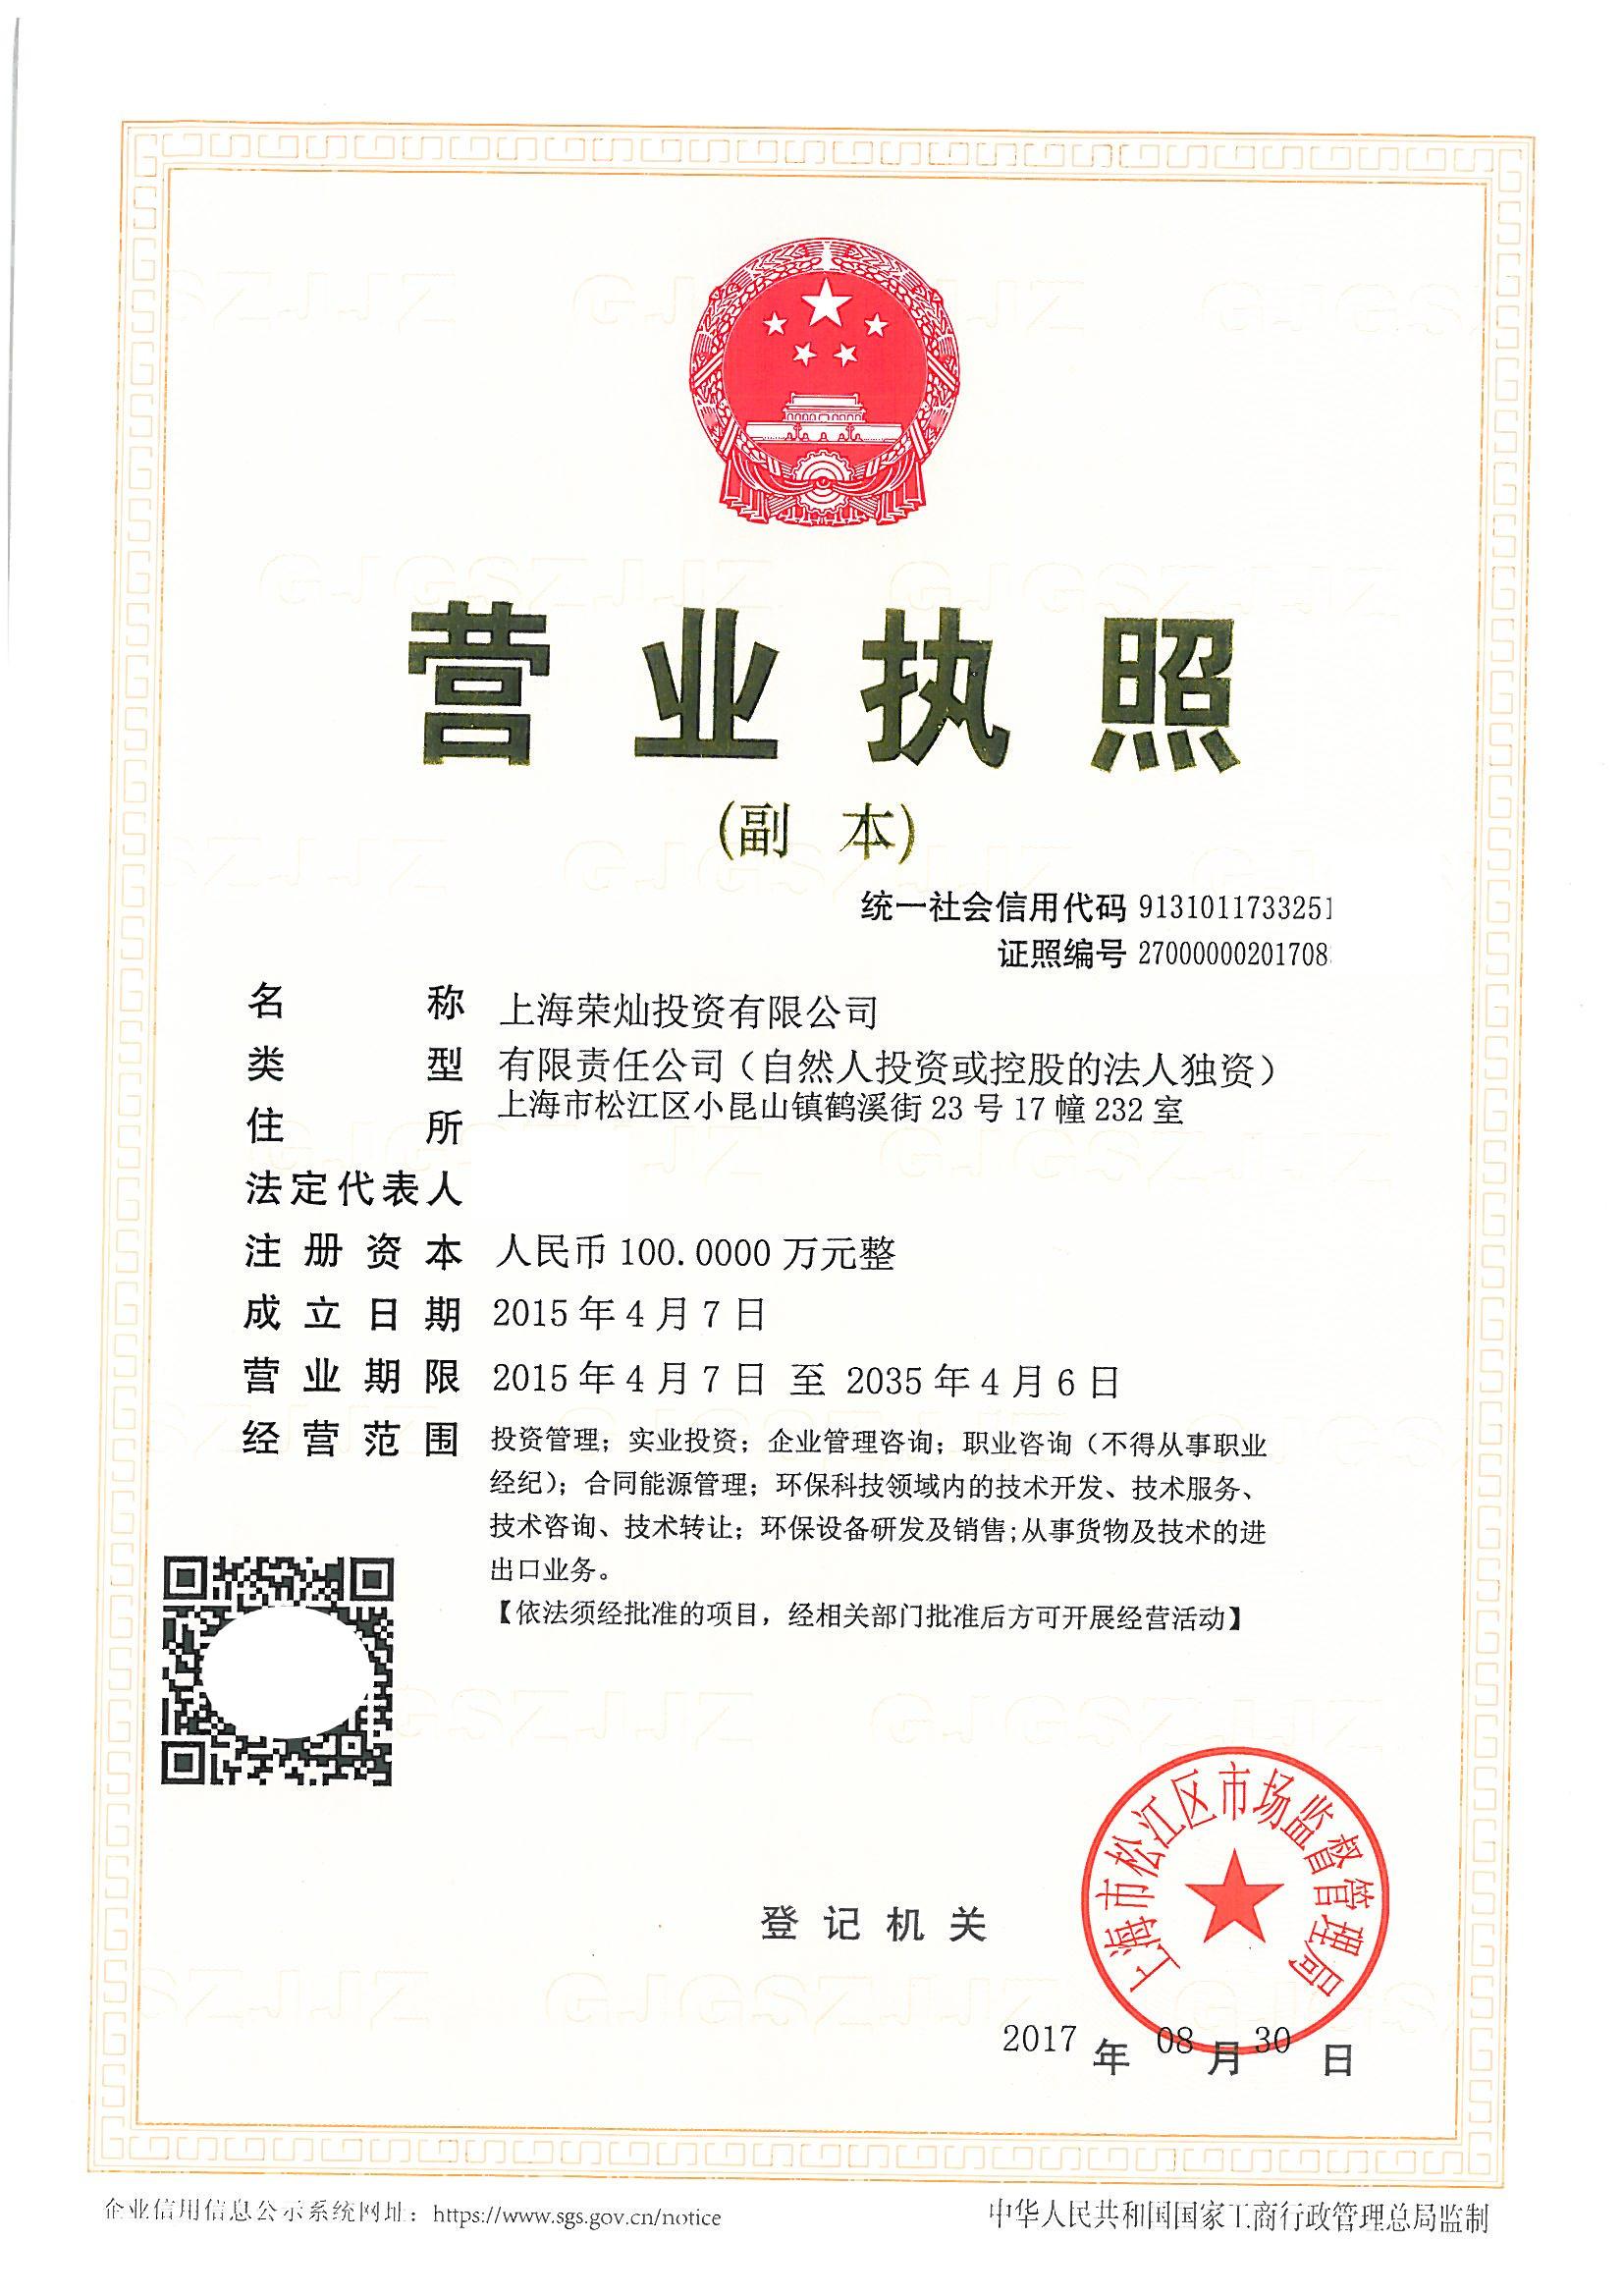 上海荣灿投资有限公司